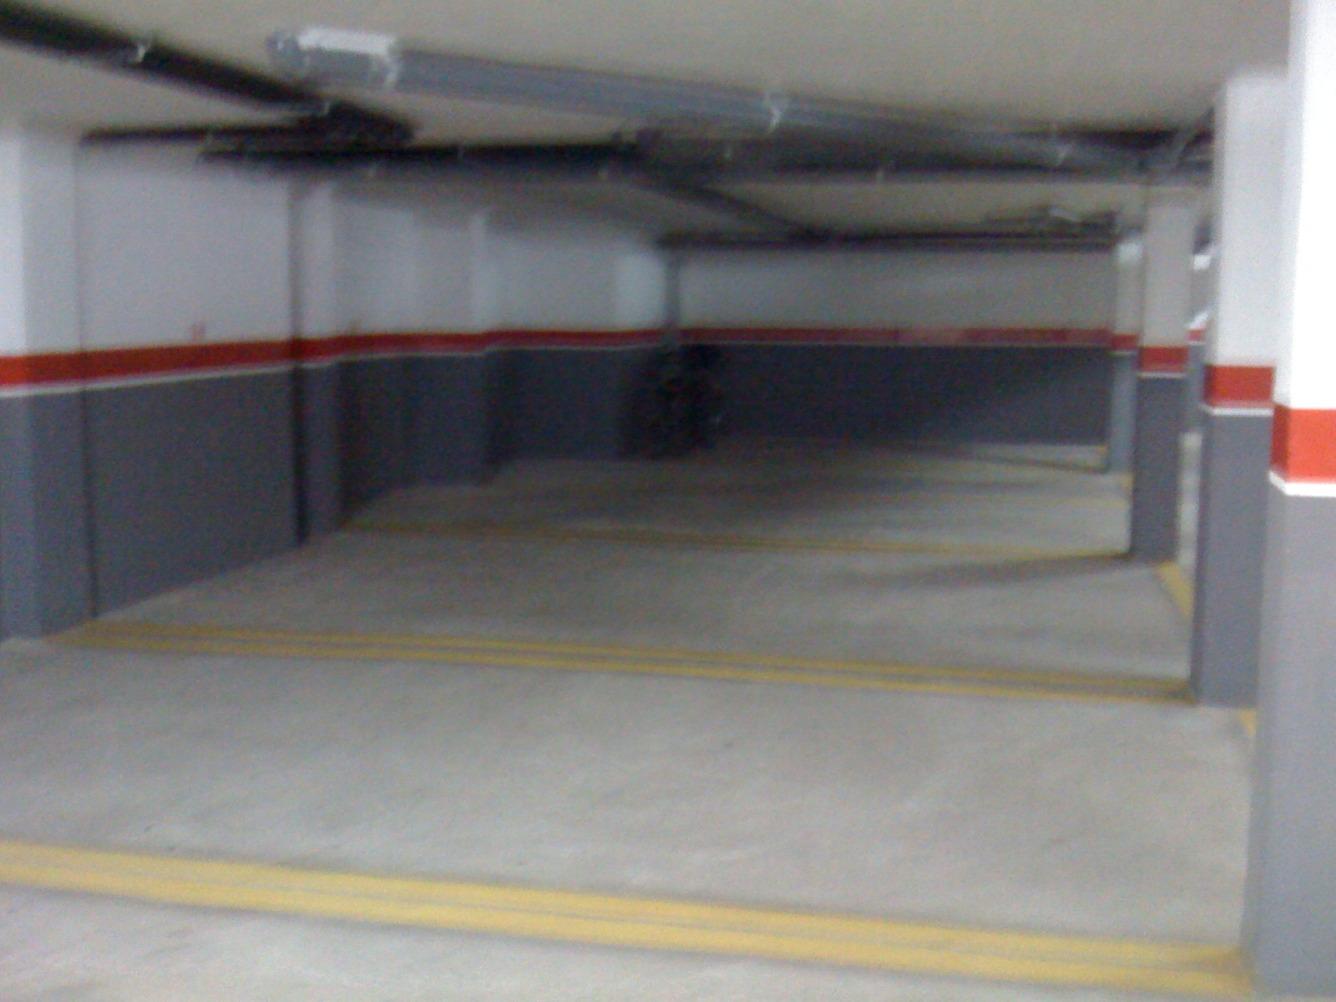 Alquiler Parking coche  Calle villazon. Parking con excelente maniobrabilidad para su vehiculo en pozo e